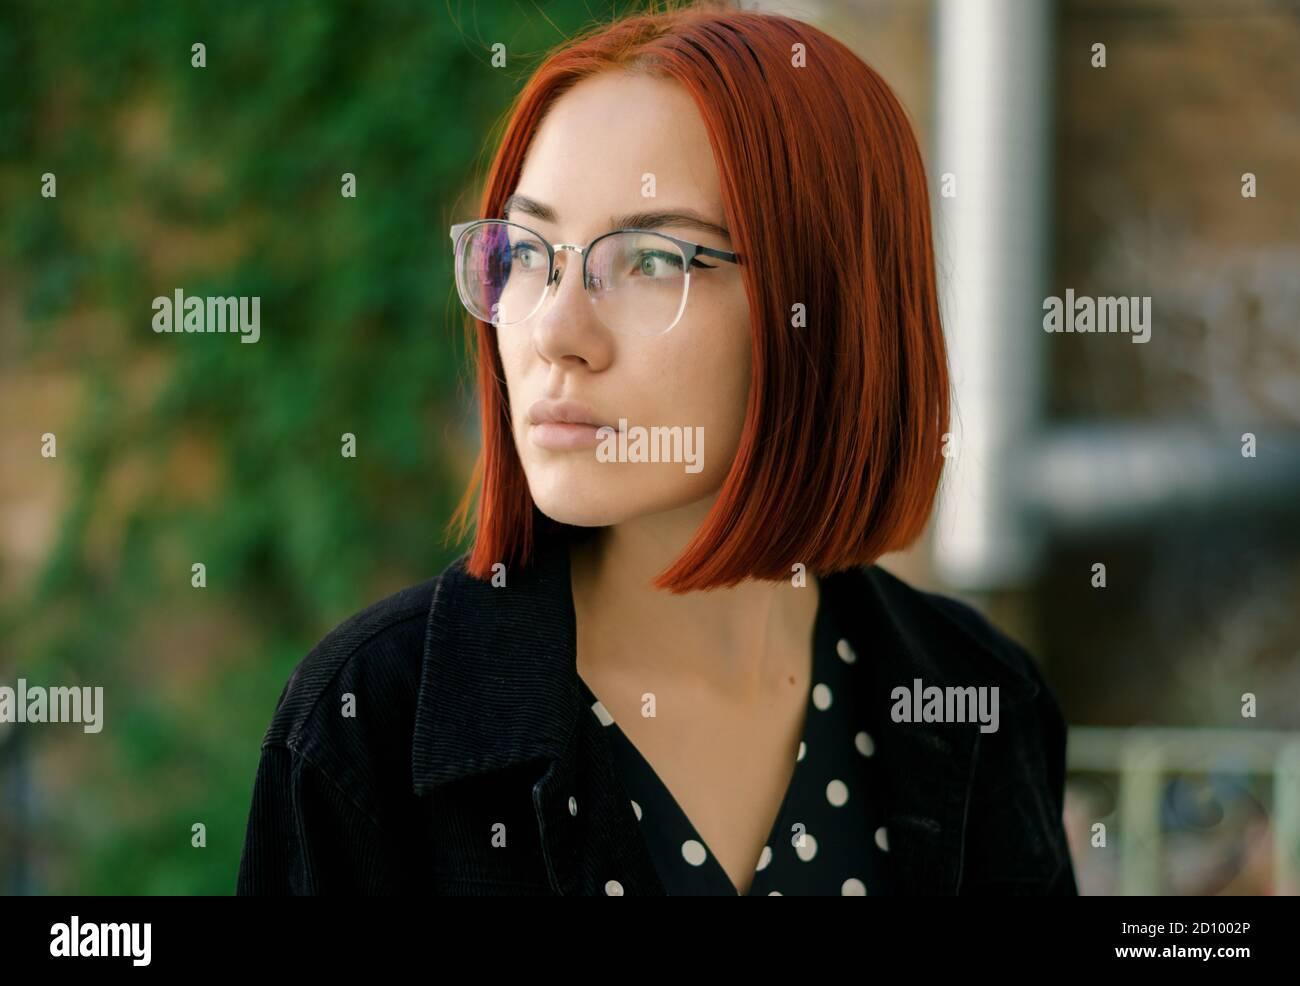 Retrato de una hermosa mujer de la pelirroja usando gafas. Foto de stock